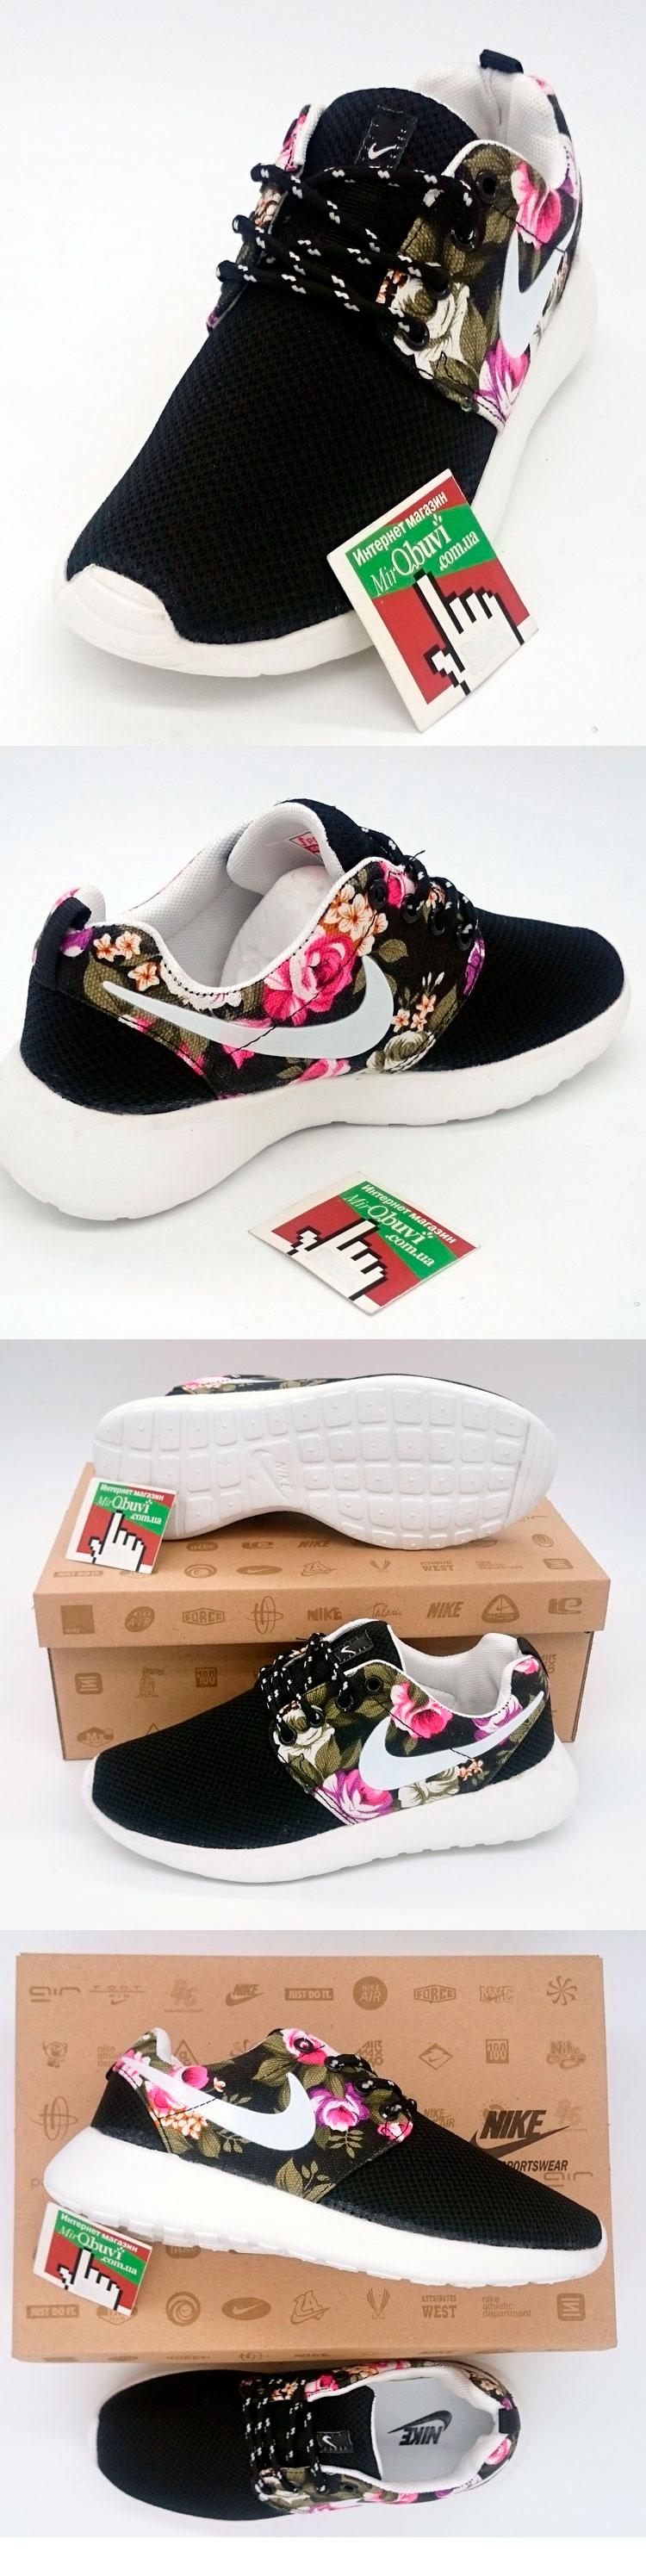 большое фото №5 Женские кроссовки Nike Roshe Run черные в цветочек